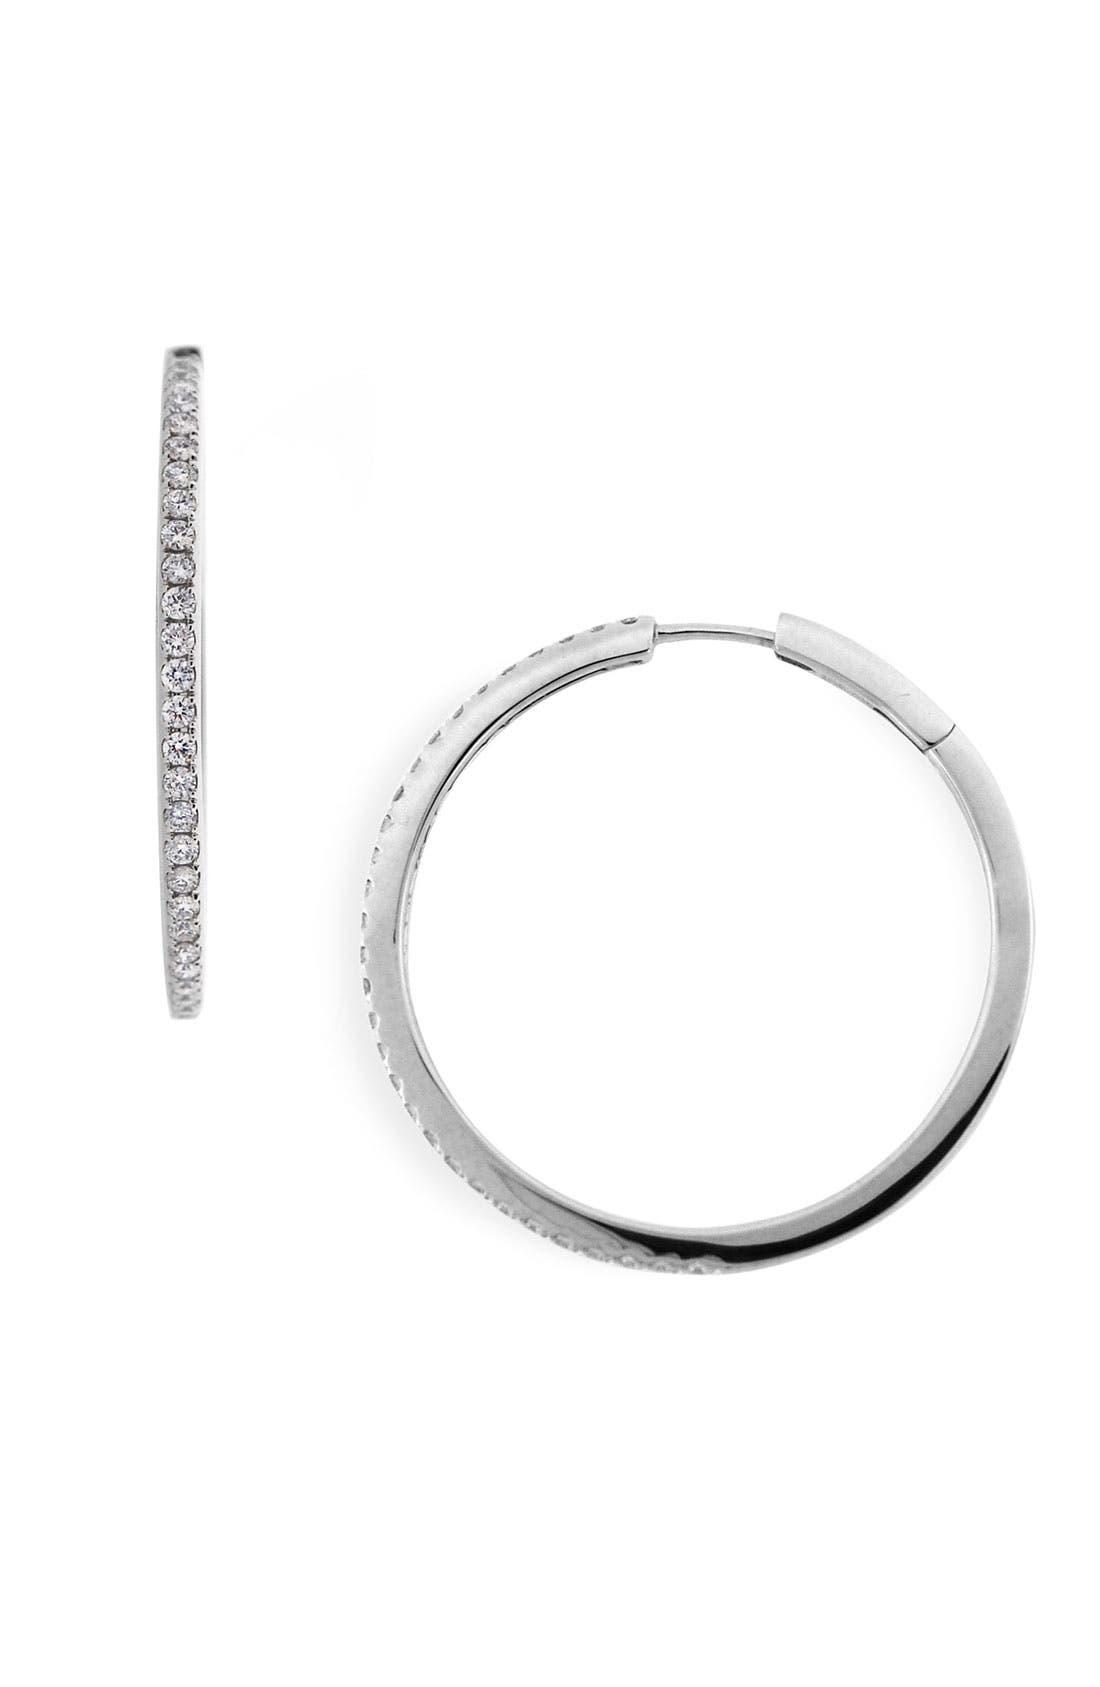 Alternate Image 1 Selected - Bony Levy 32mm Diamond Hoop Earrings (Nordstrom Exclusive)